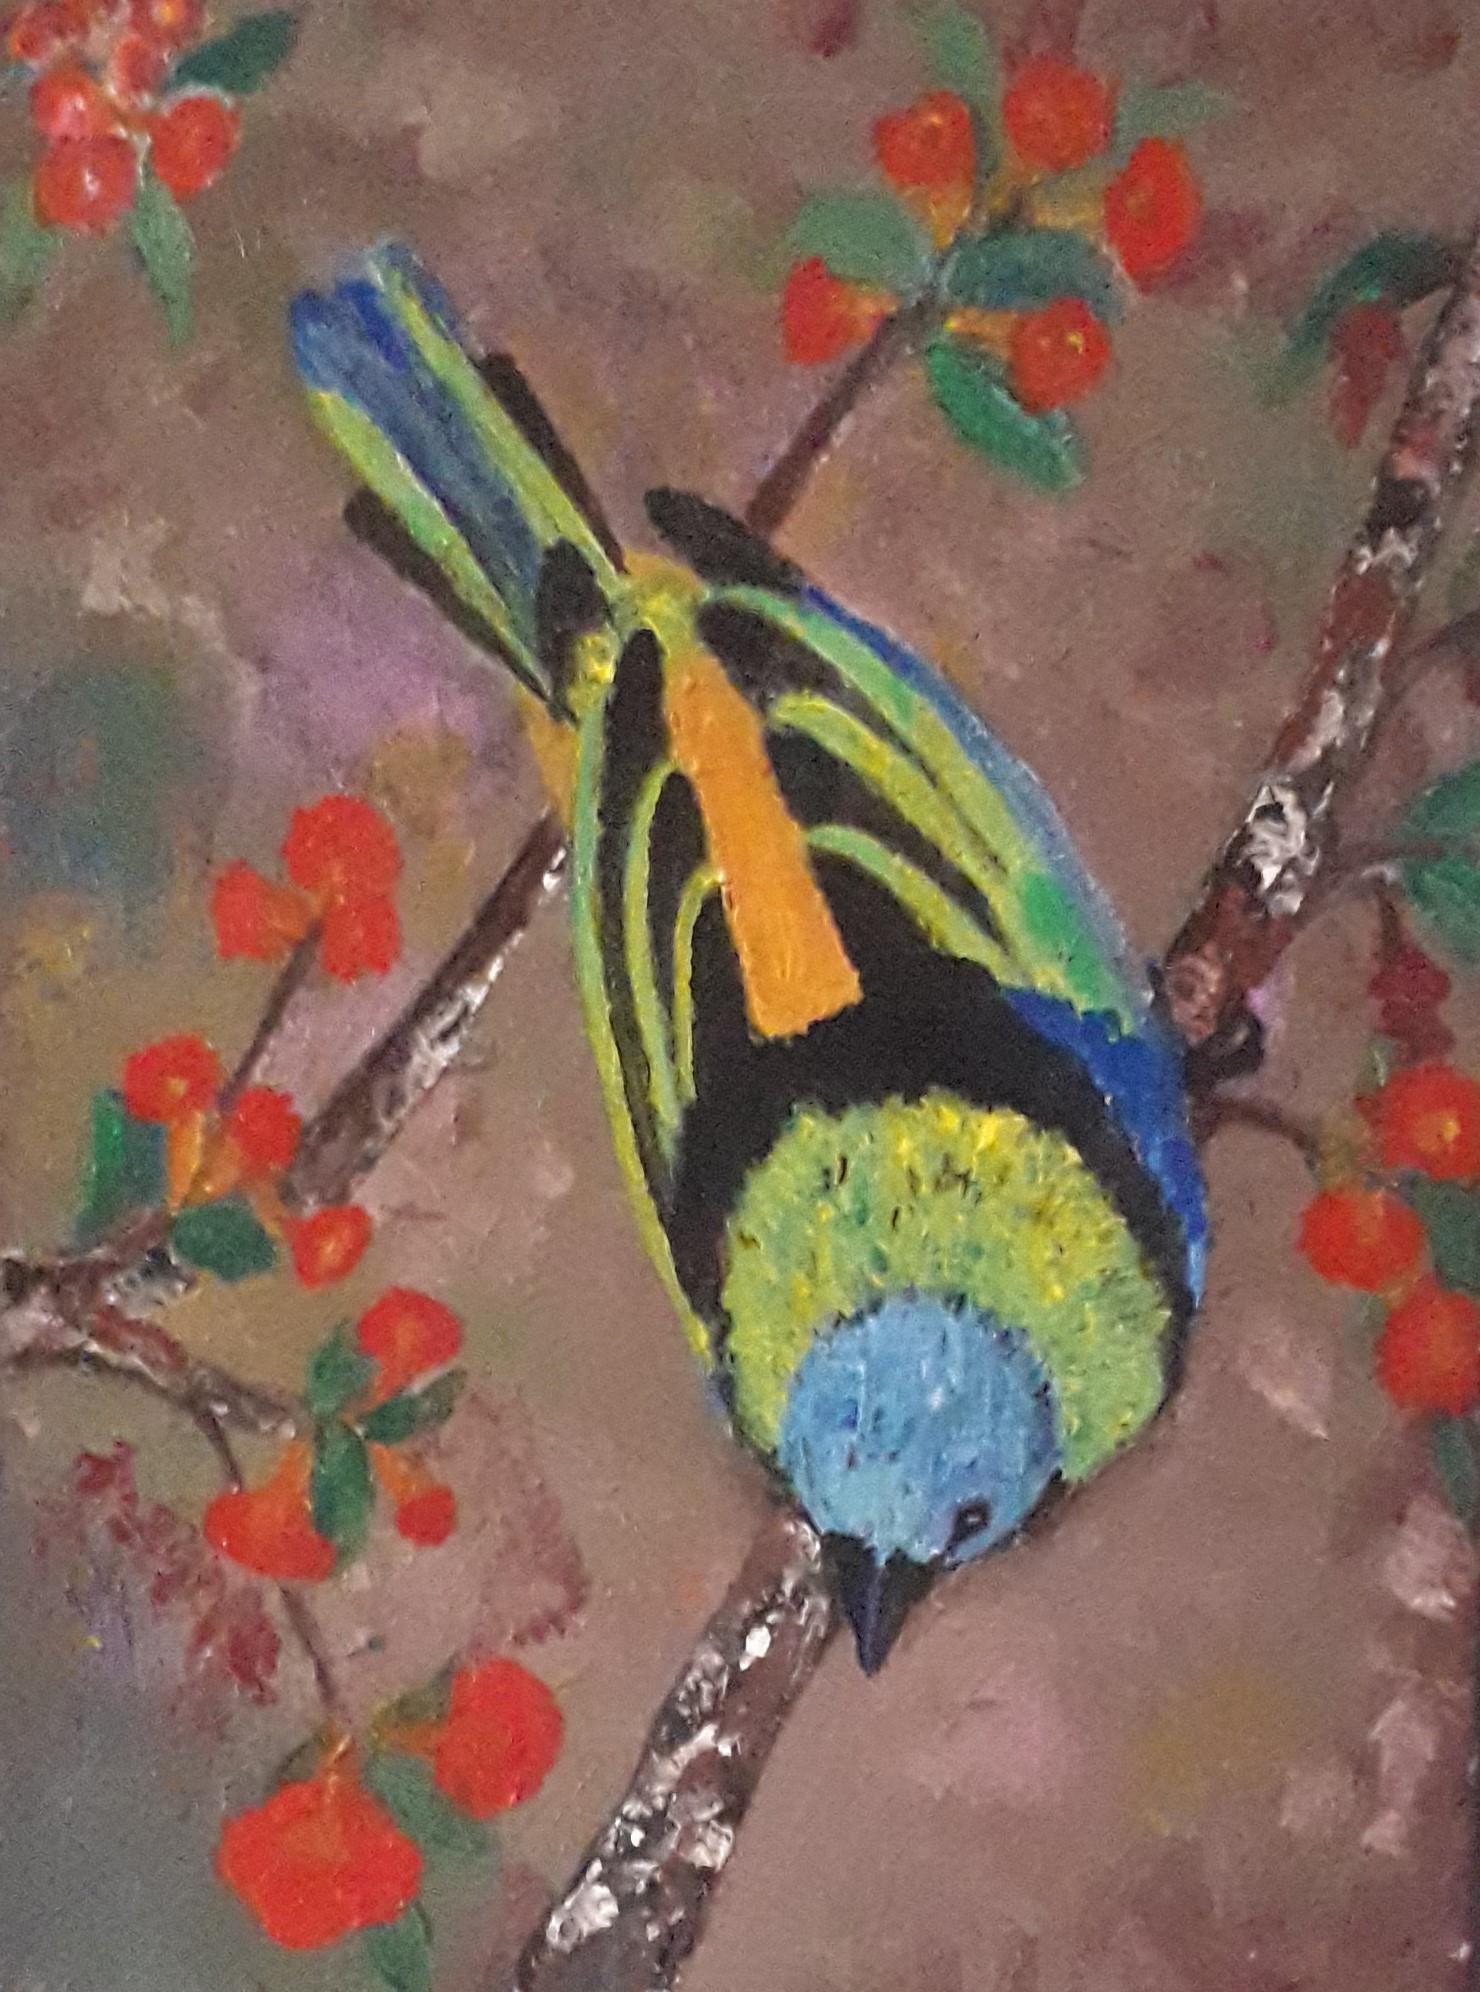 Bird by Simpson David